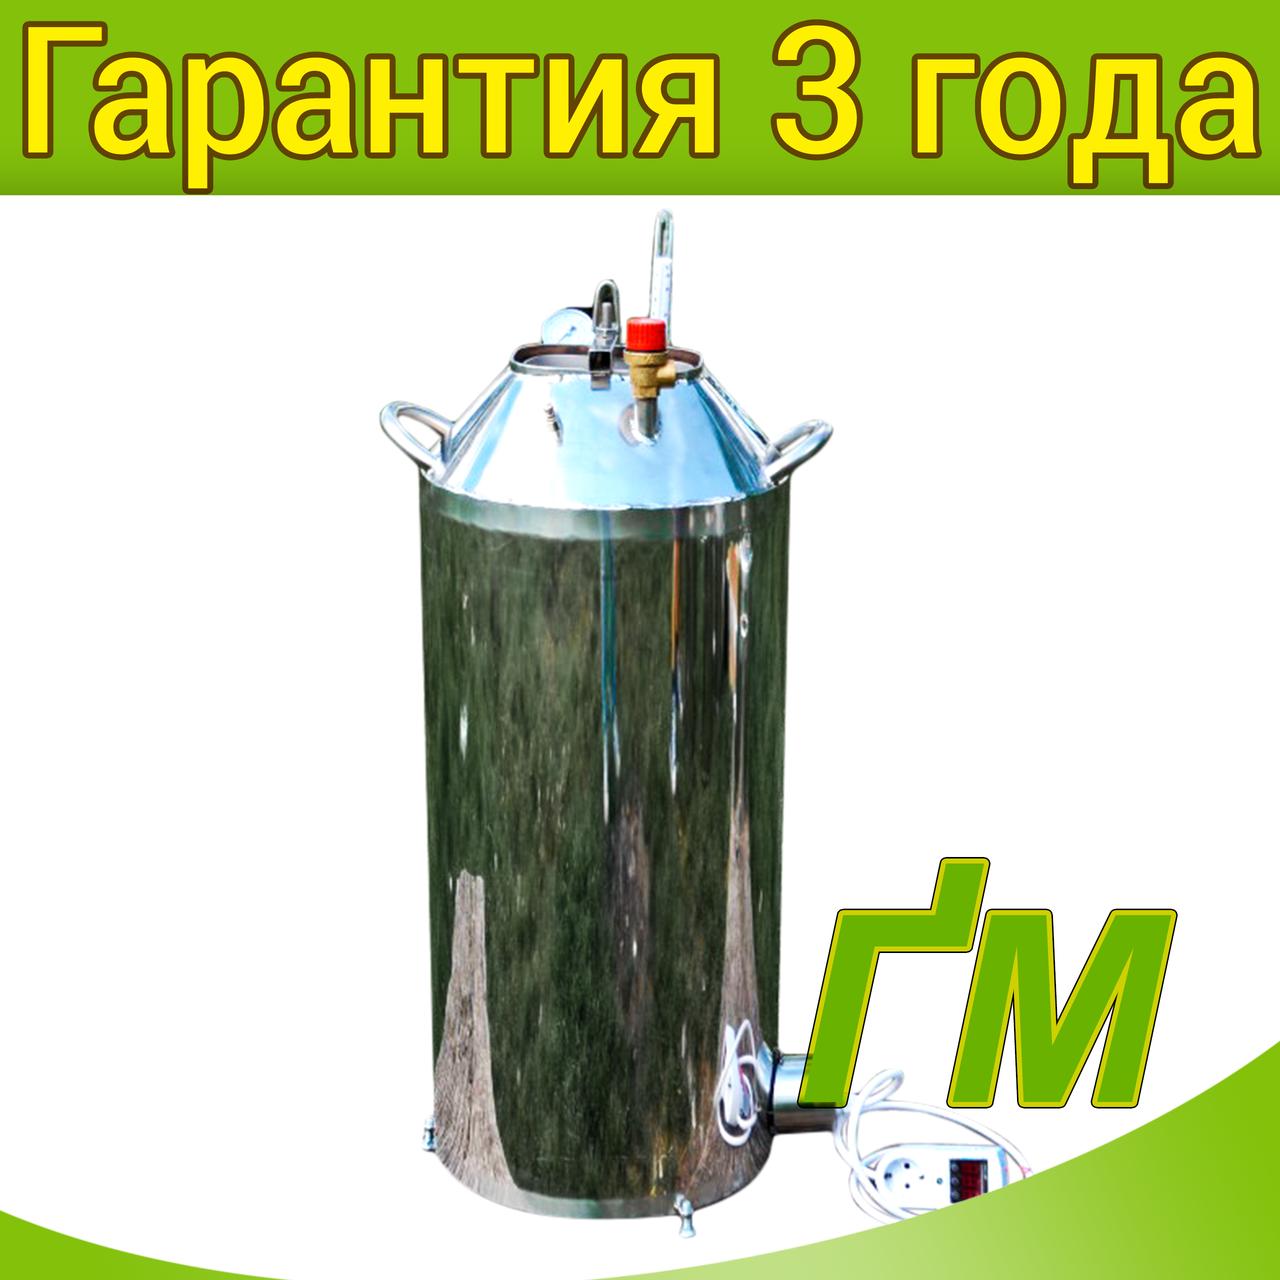 Автоклав Мега-50 Электро (нержавеющая сталь на 50 банок) + подарок